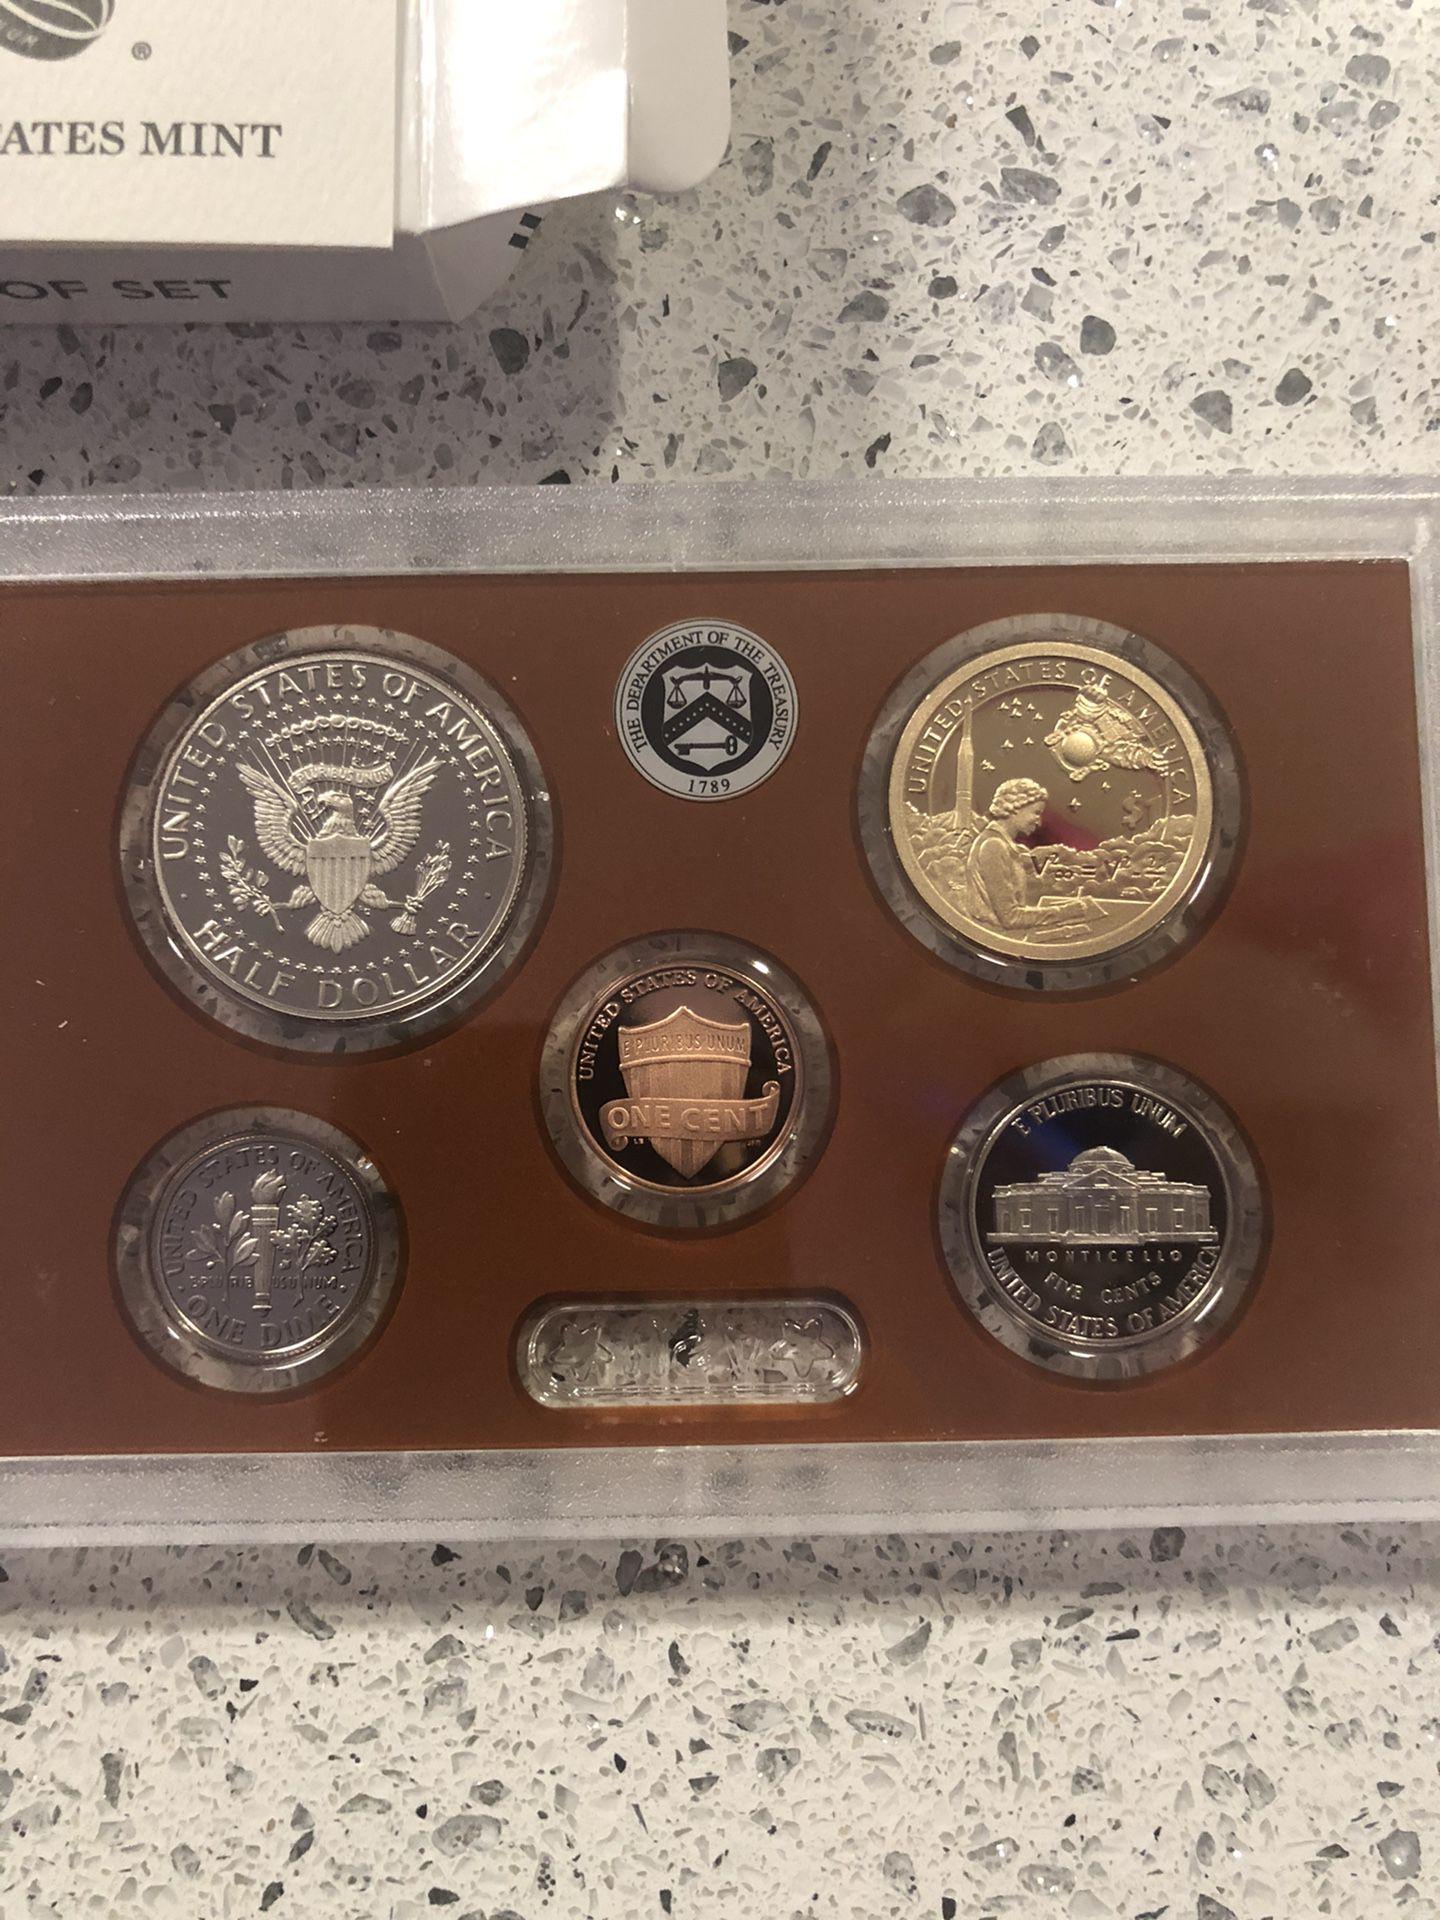 2019 United States Mint Proof Set